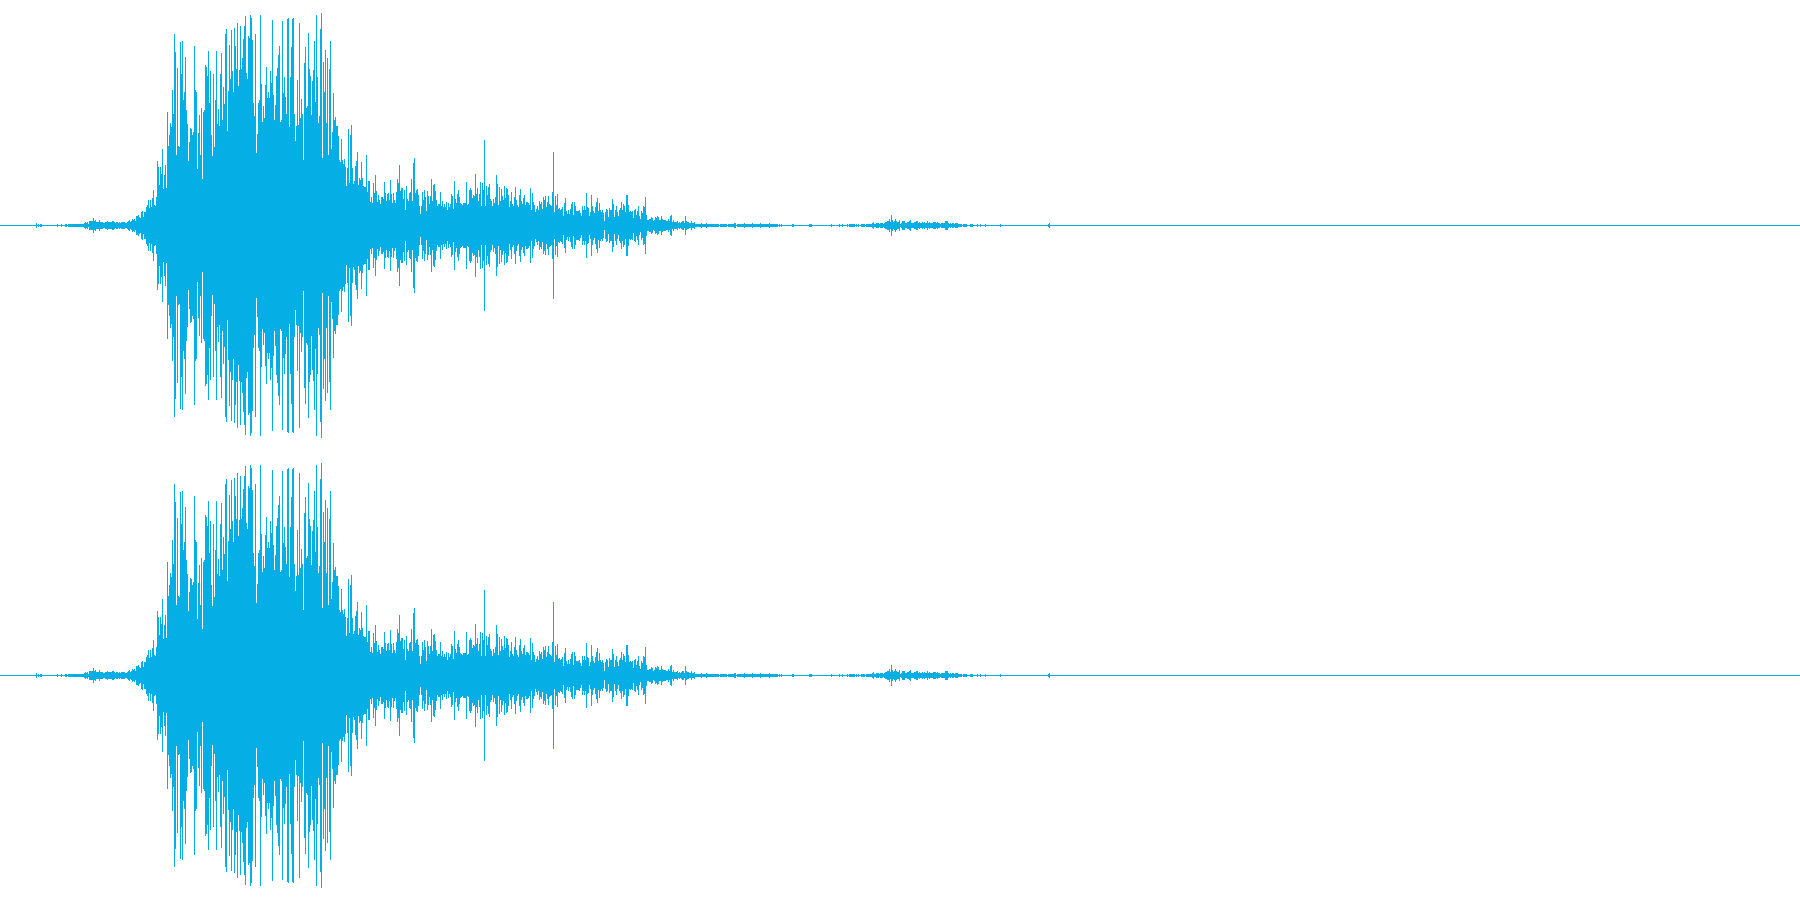 ズシャッ(サッカー・スライディング)の再生済みの波形